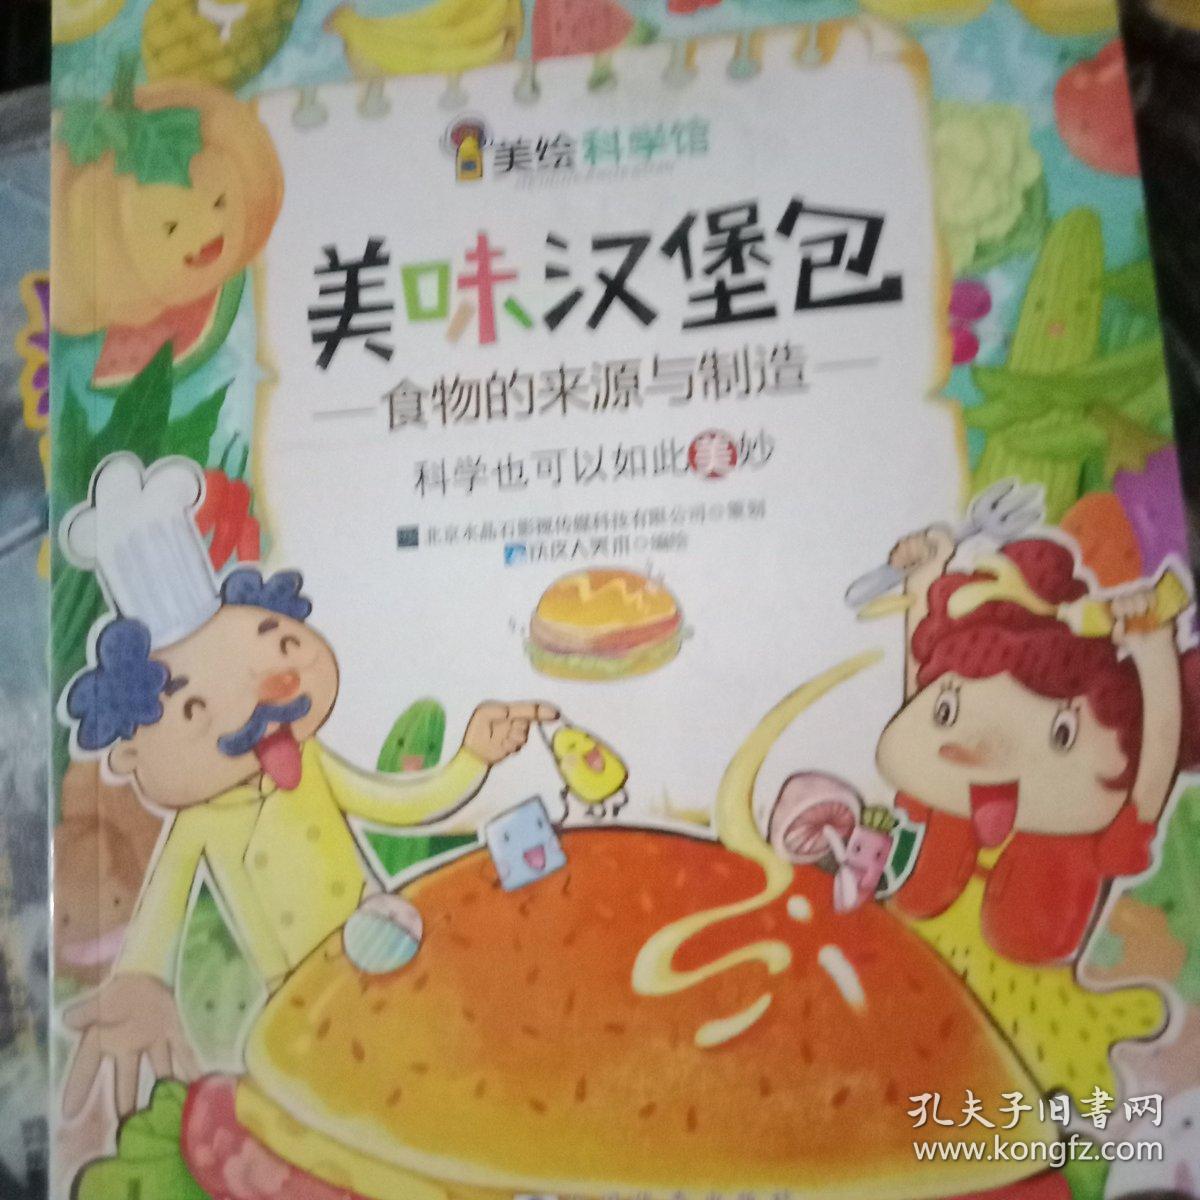 美绘科学馆:美味汉堡包_铁皮人美术 编_孔夫子旧书网图片